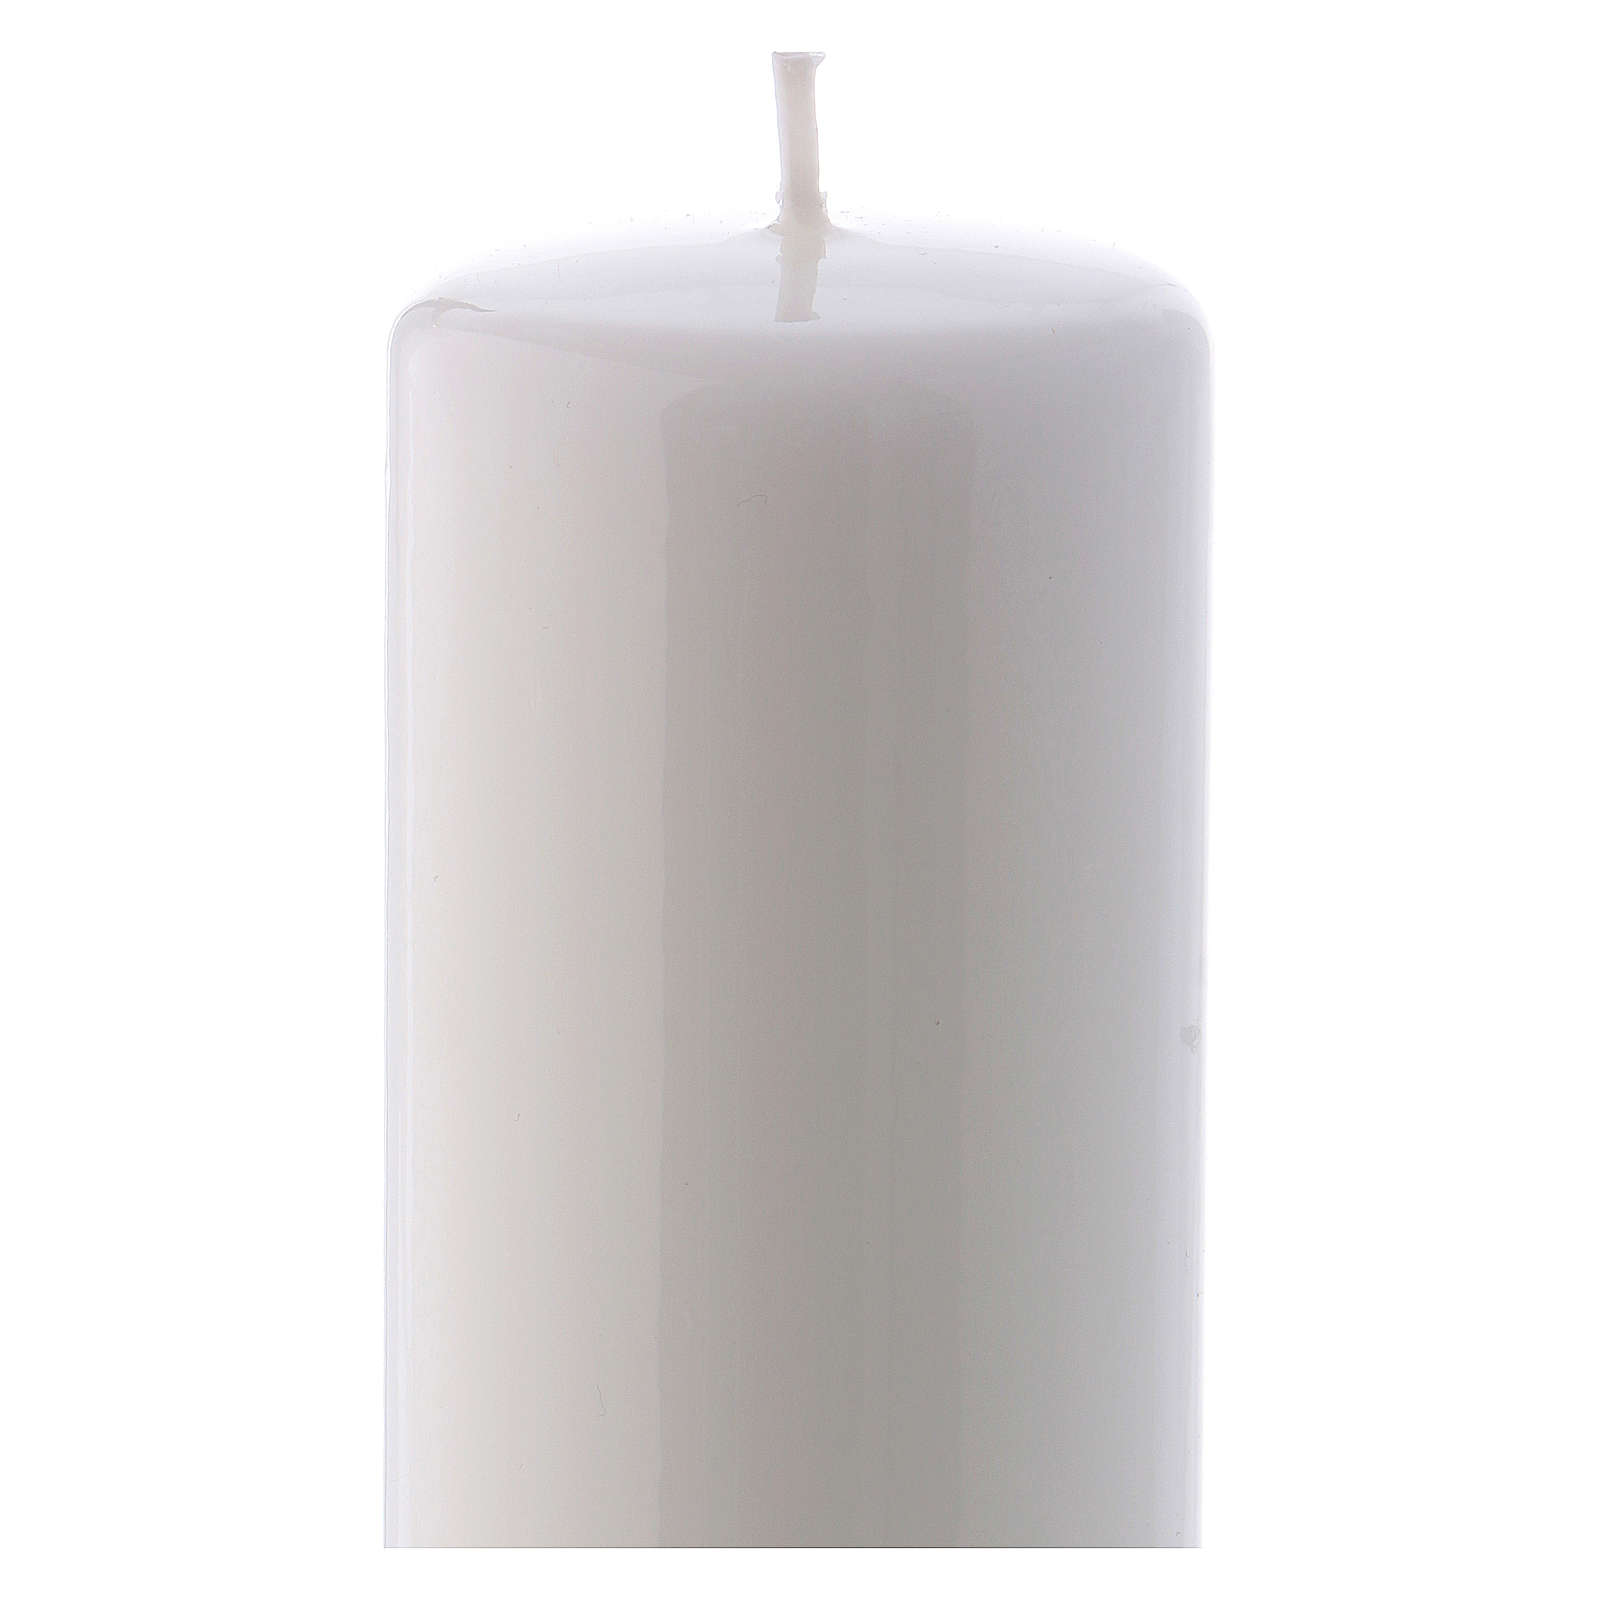 Bougie blanche Brillante Ceralacca 6x15 cm 3